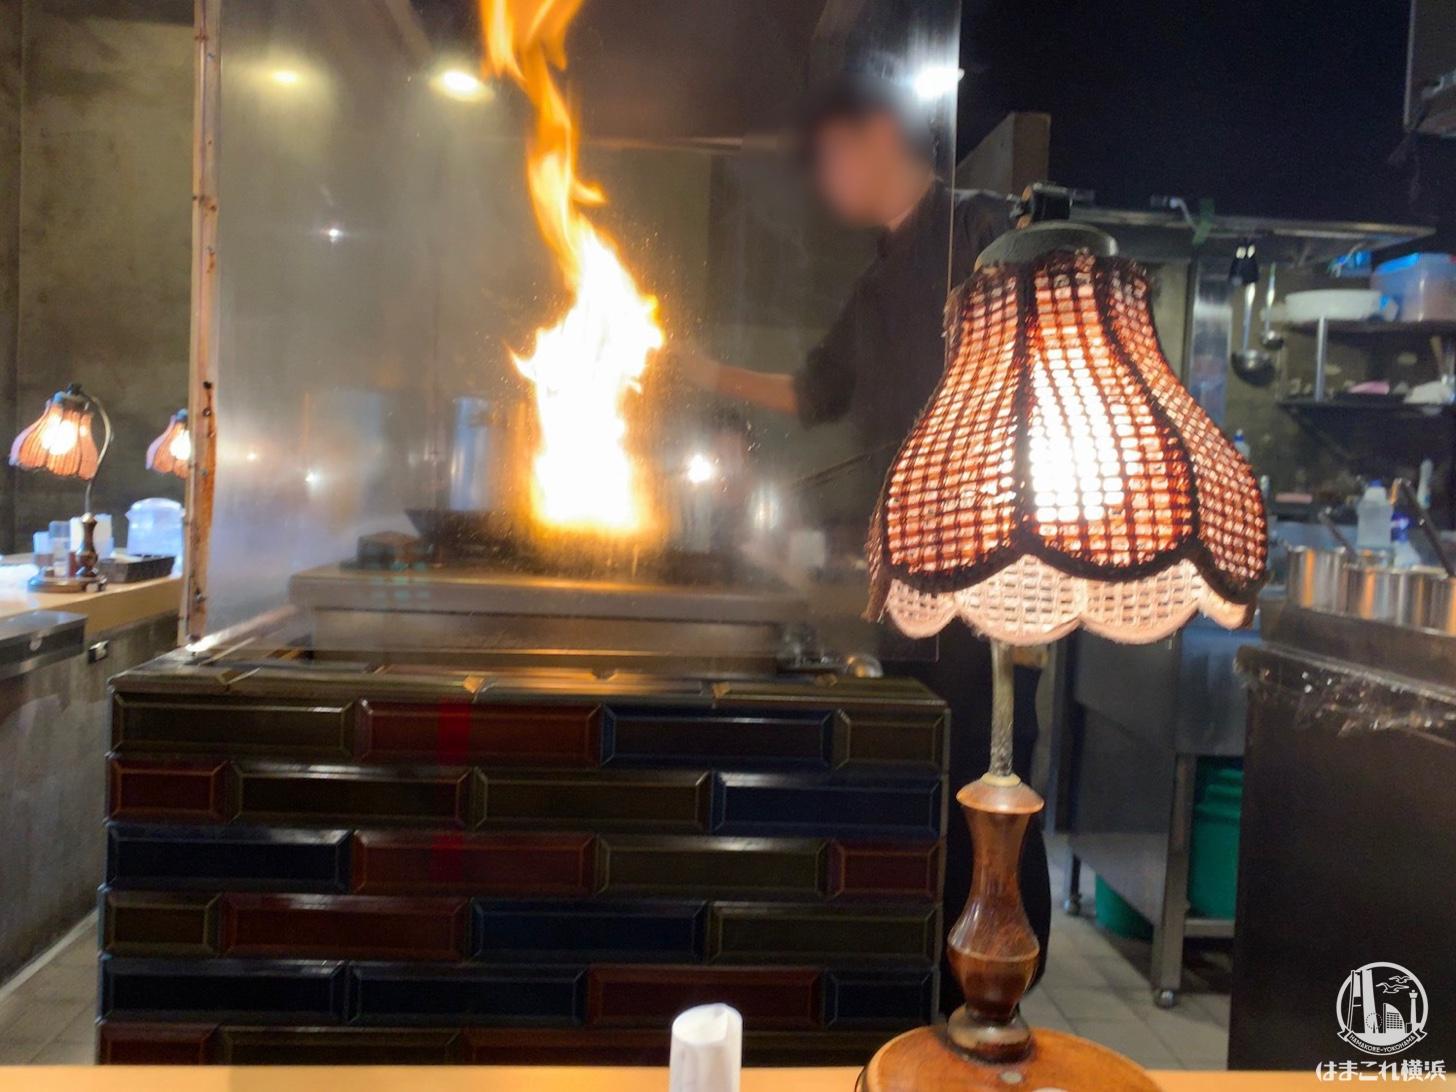 アルペンジロー 本店 お肉を焼く鉄板